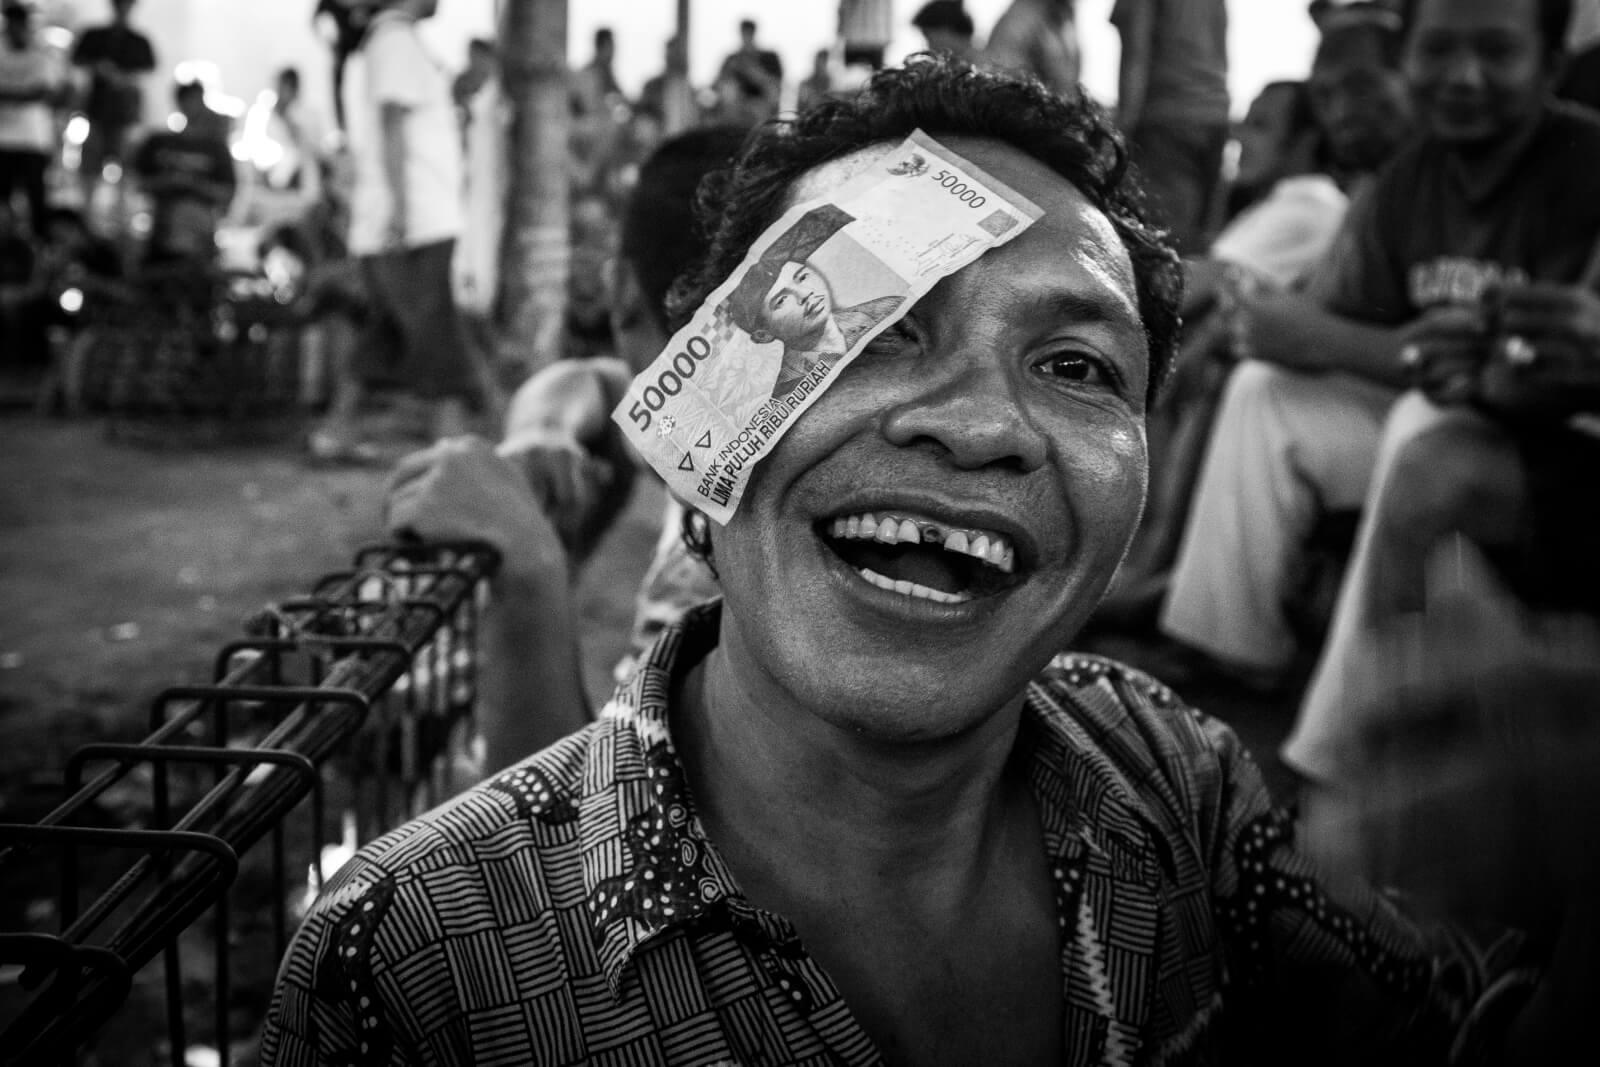 Peniaze a zmenrn na Bali BlazeTrip